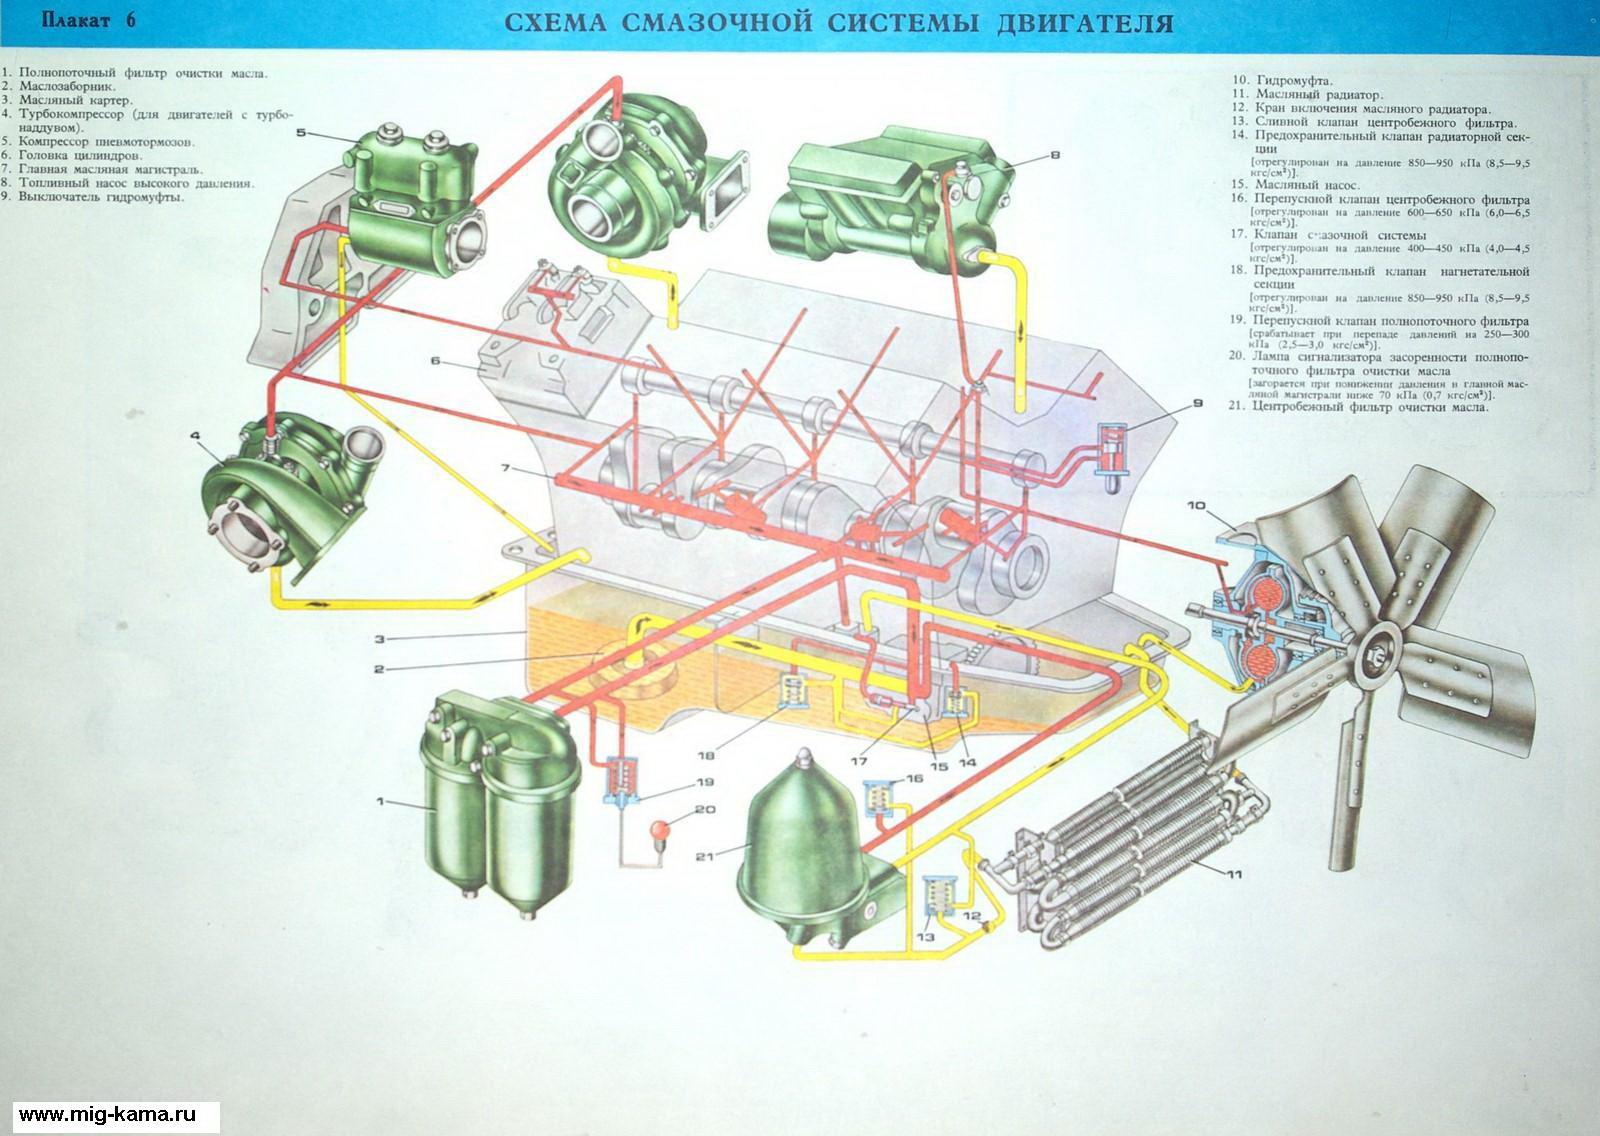 Камаз-740.30 теплообменник масляный система смазки кпд регенеративных теплообменников вентиляции